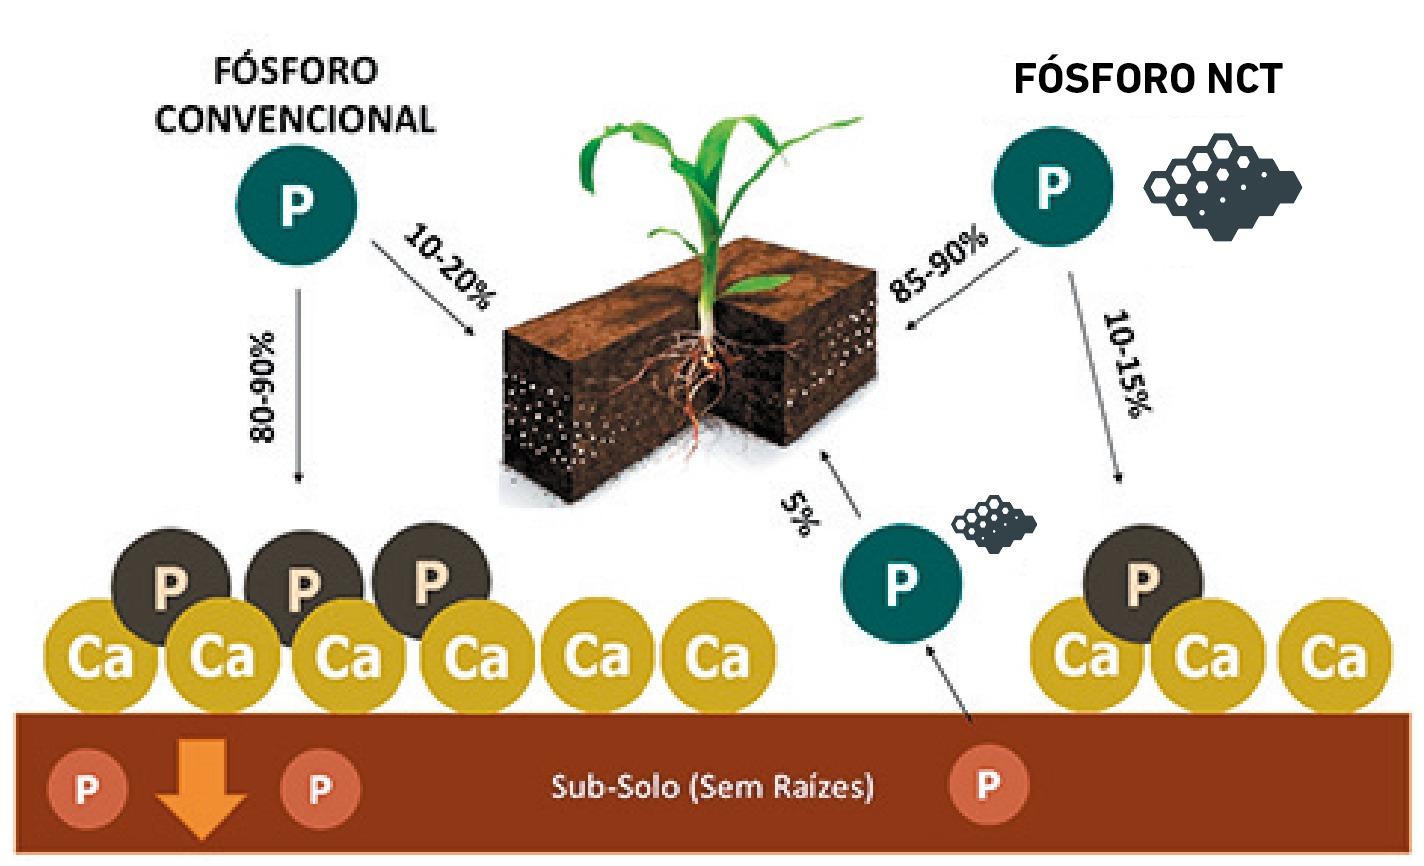 Imagem com o exemplo da produção convencional em comparação com produção com MCT, no macronutriente fósforo